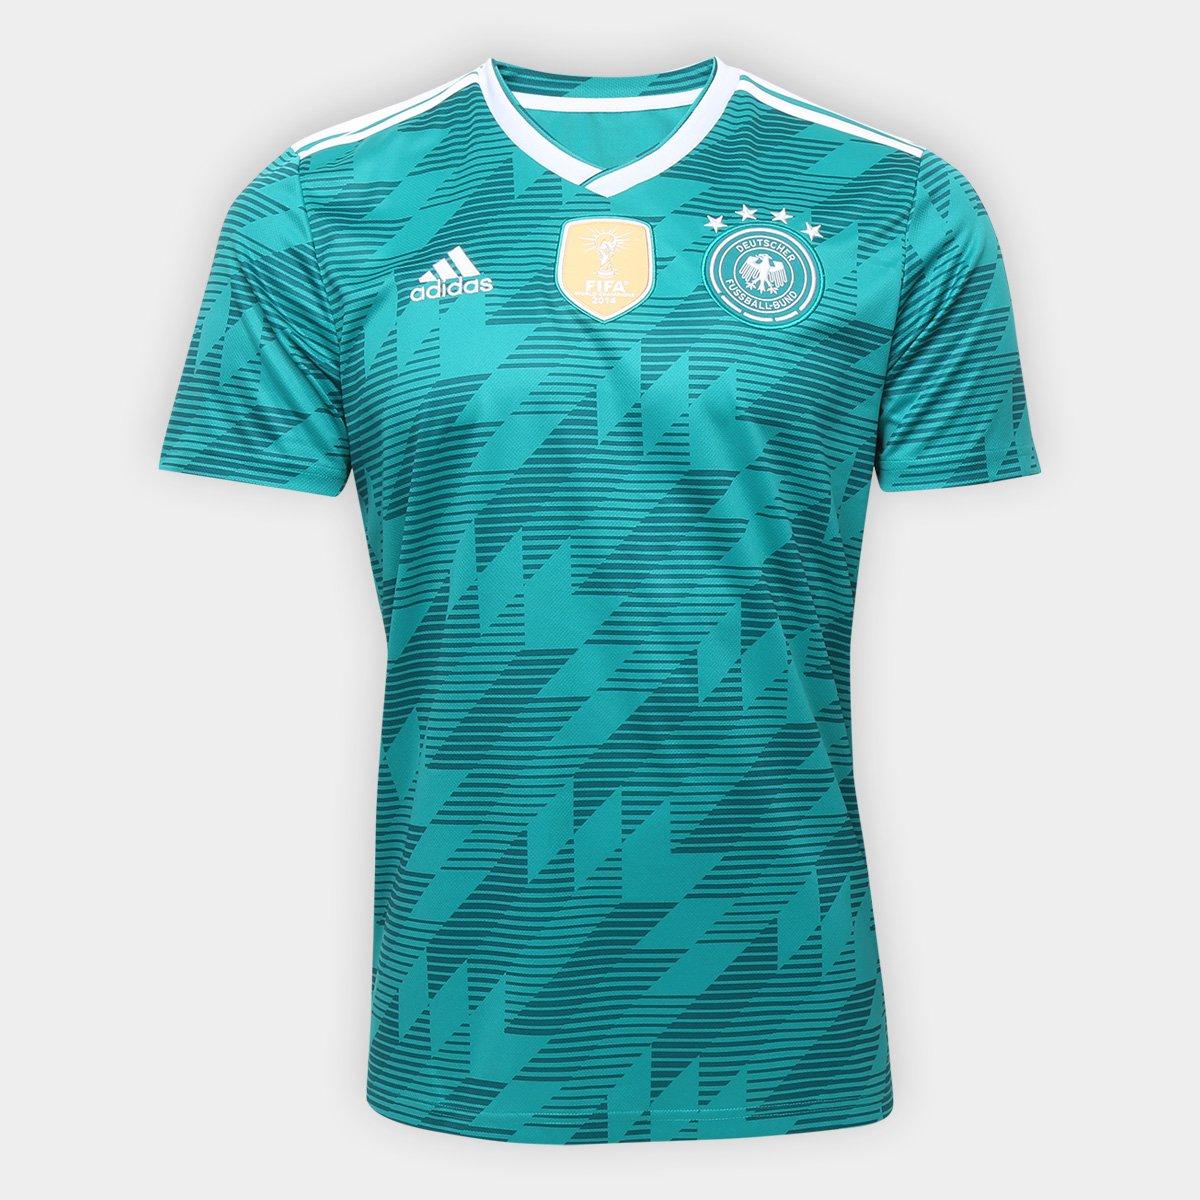 ... Camisa Seleção Alemanha Away 2018 n° 14 Goretzka - Torcedor Adidas  Masculina ... 5726125dd6aab